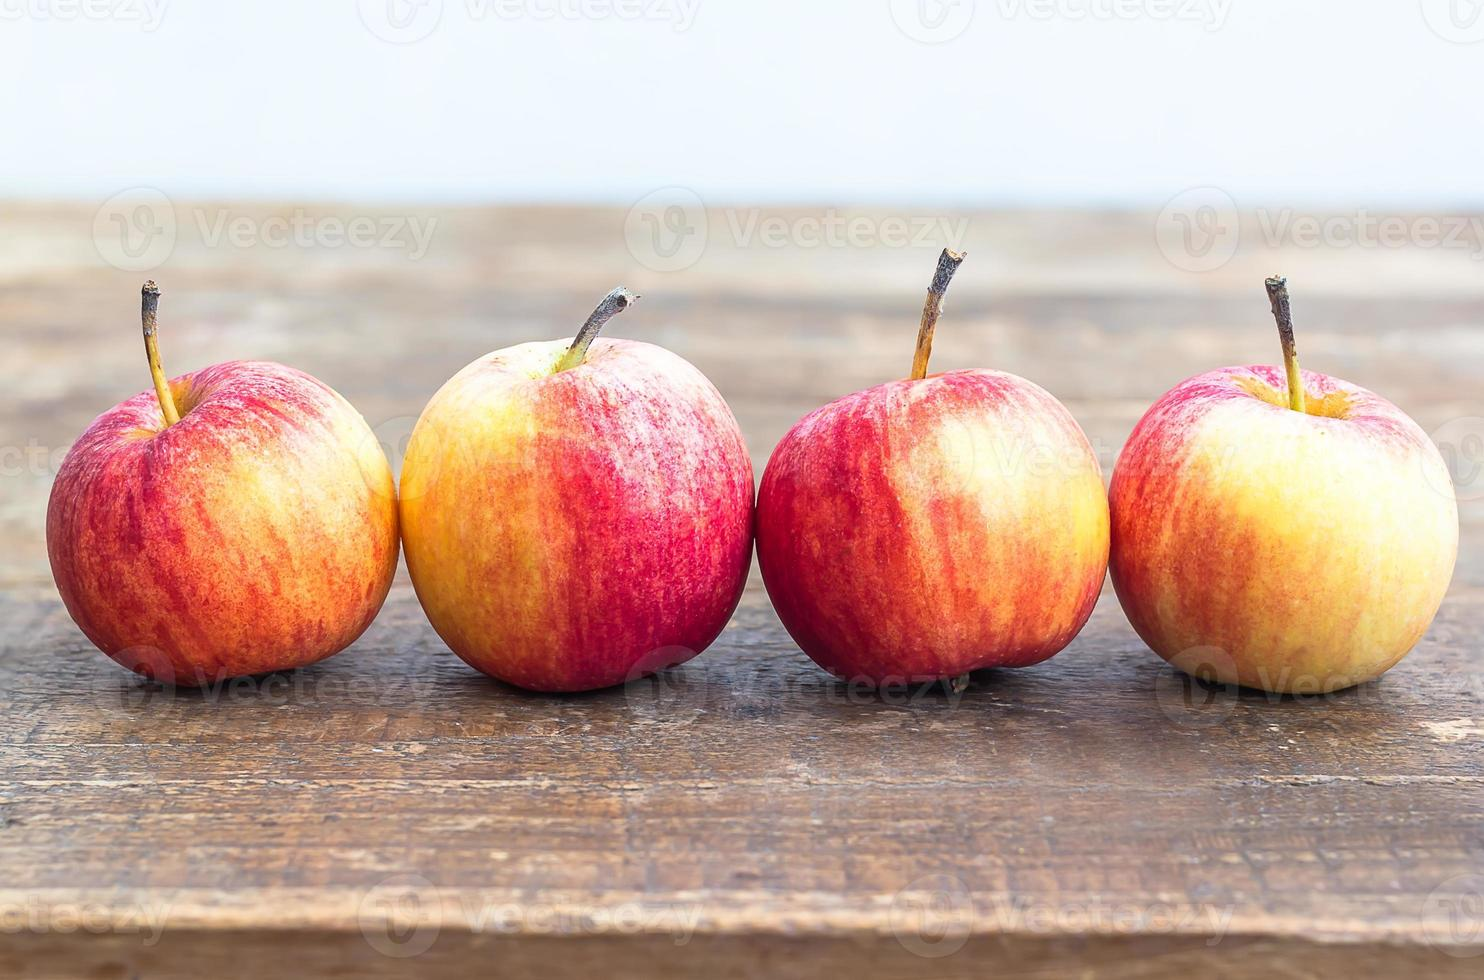 Äpfel in Reihe auf Holztisch foto